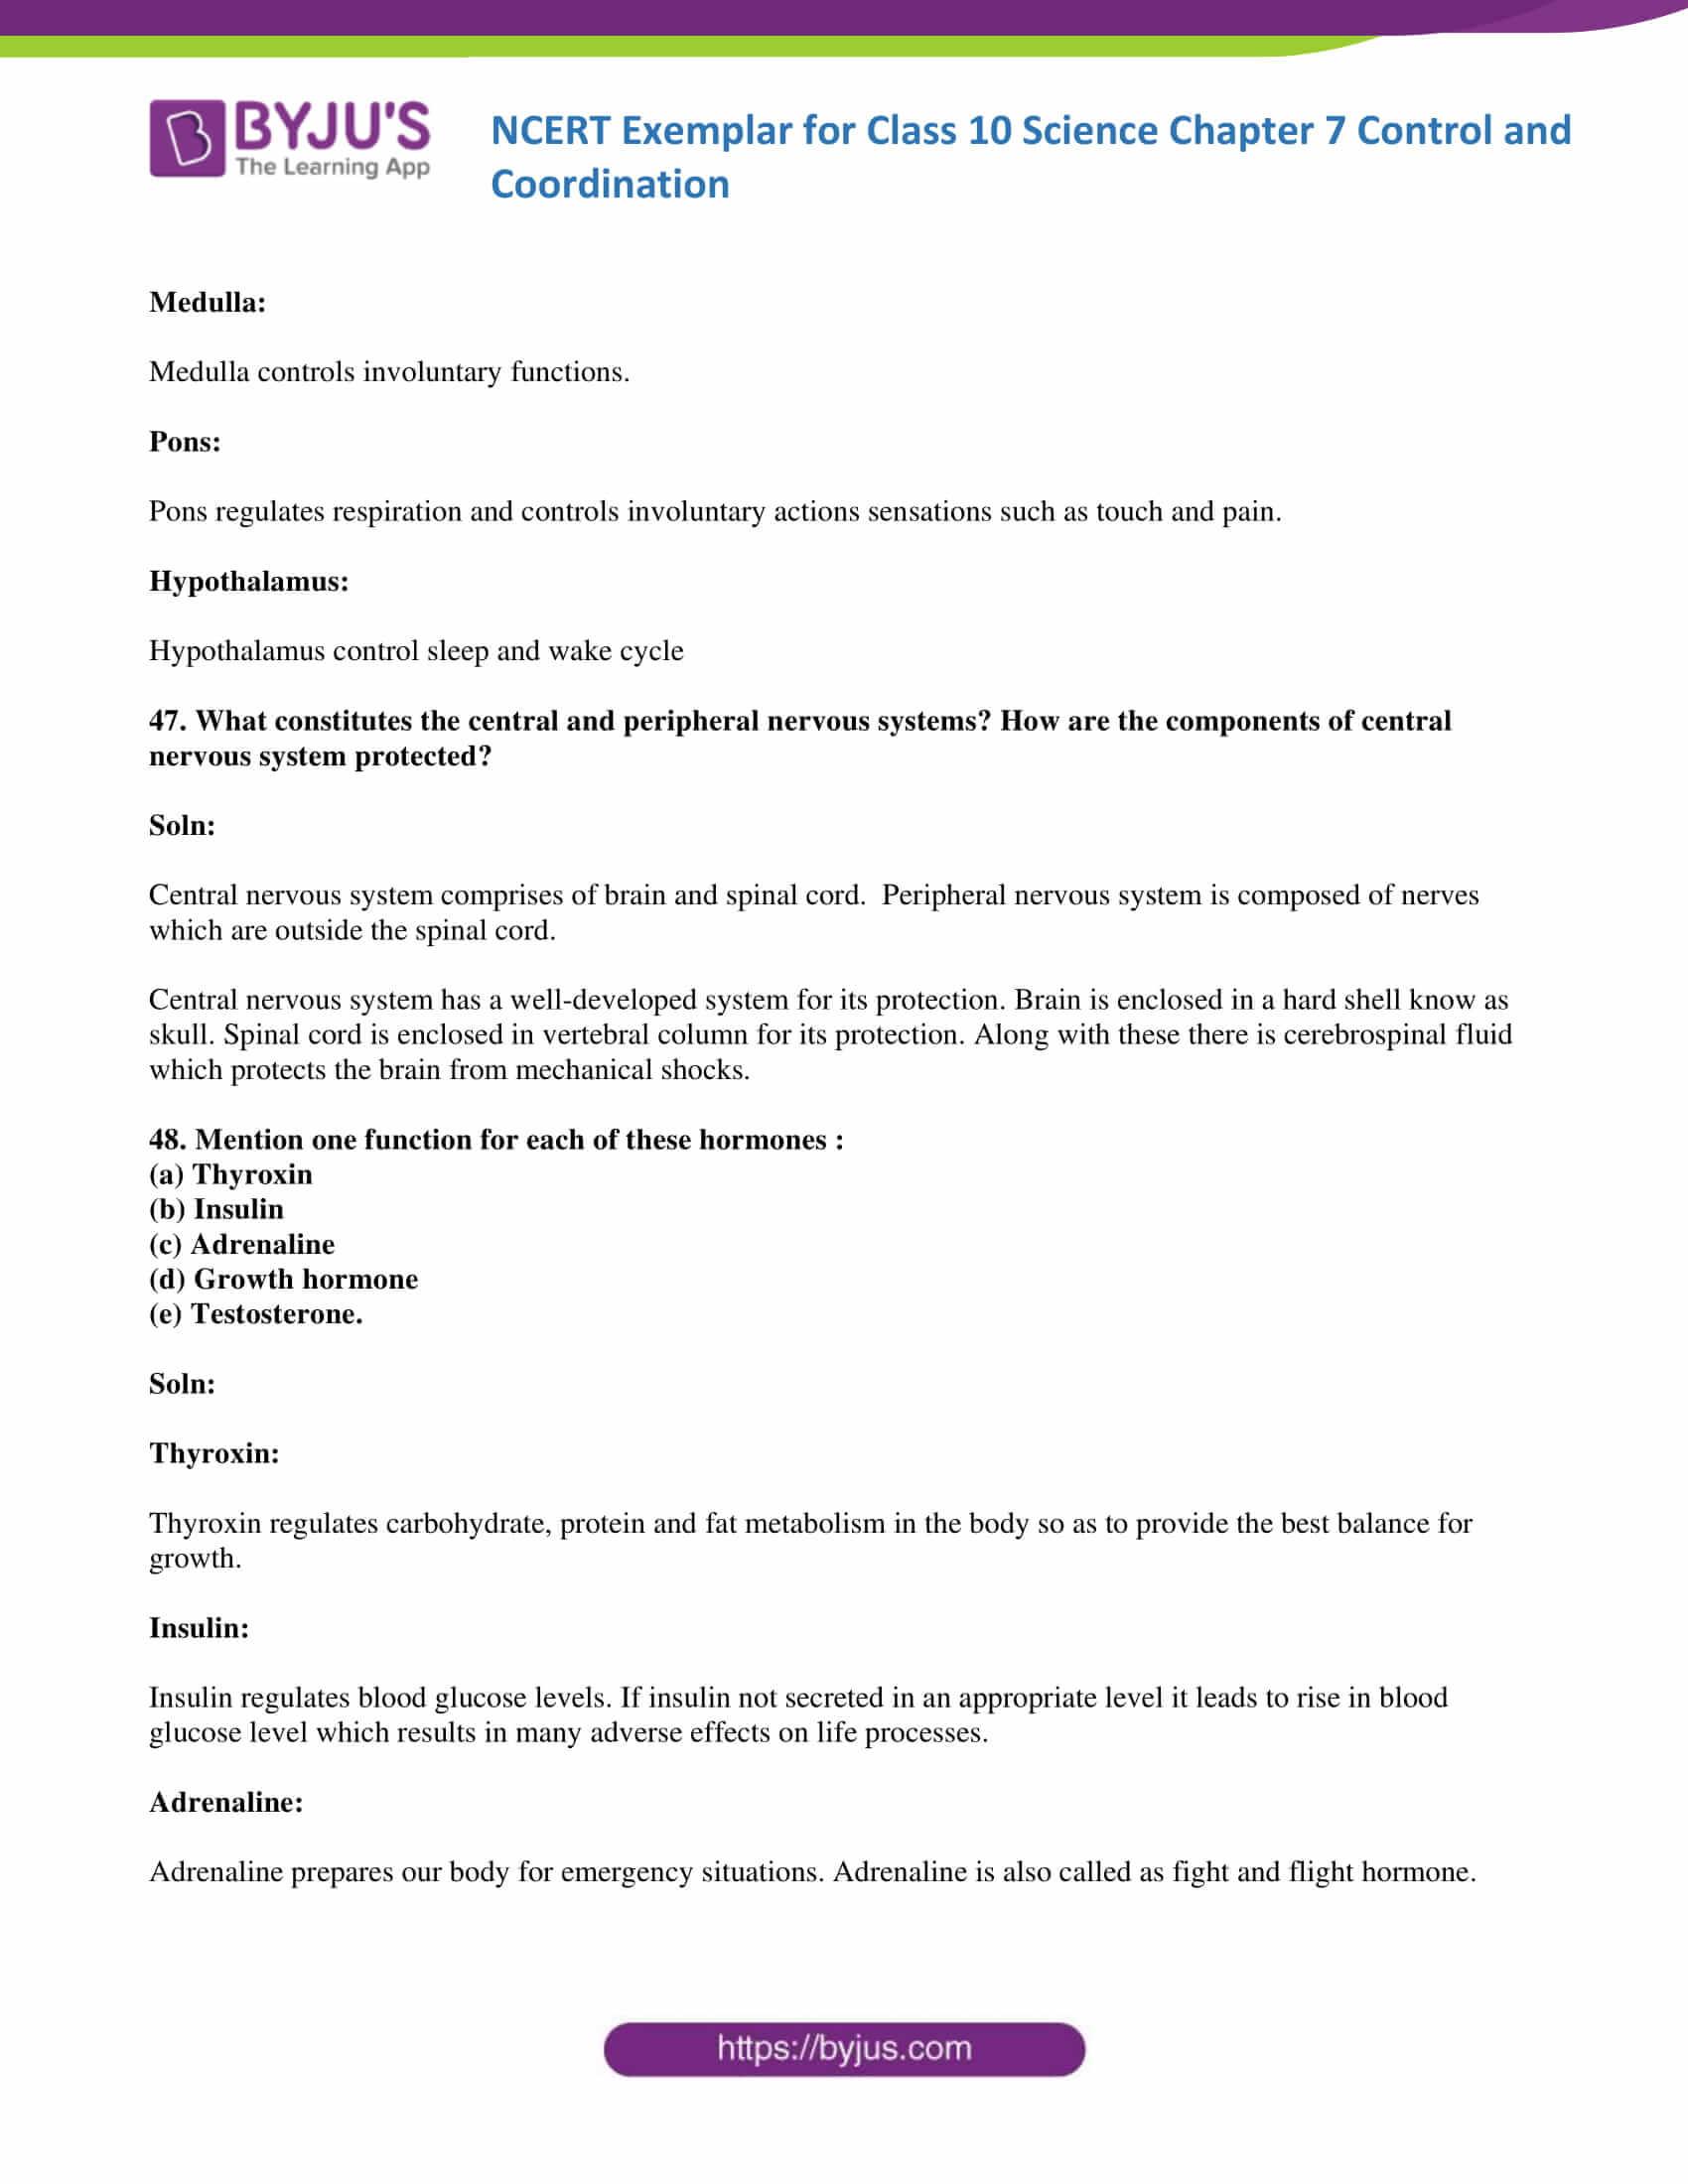 NCERT Exemplar solution class 10 Science Chapter 7 part 19